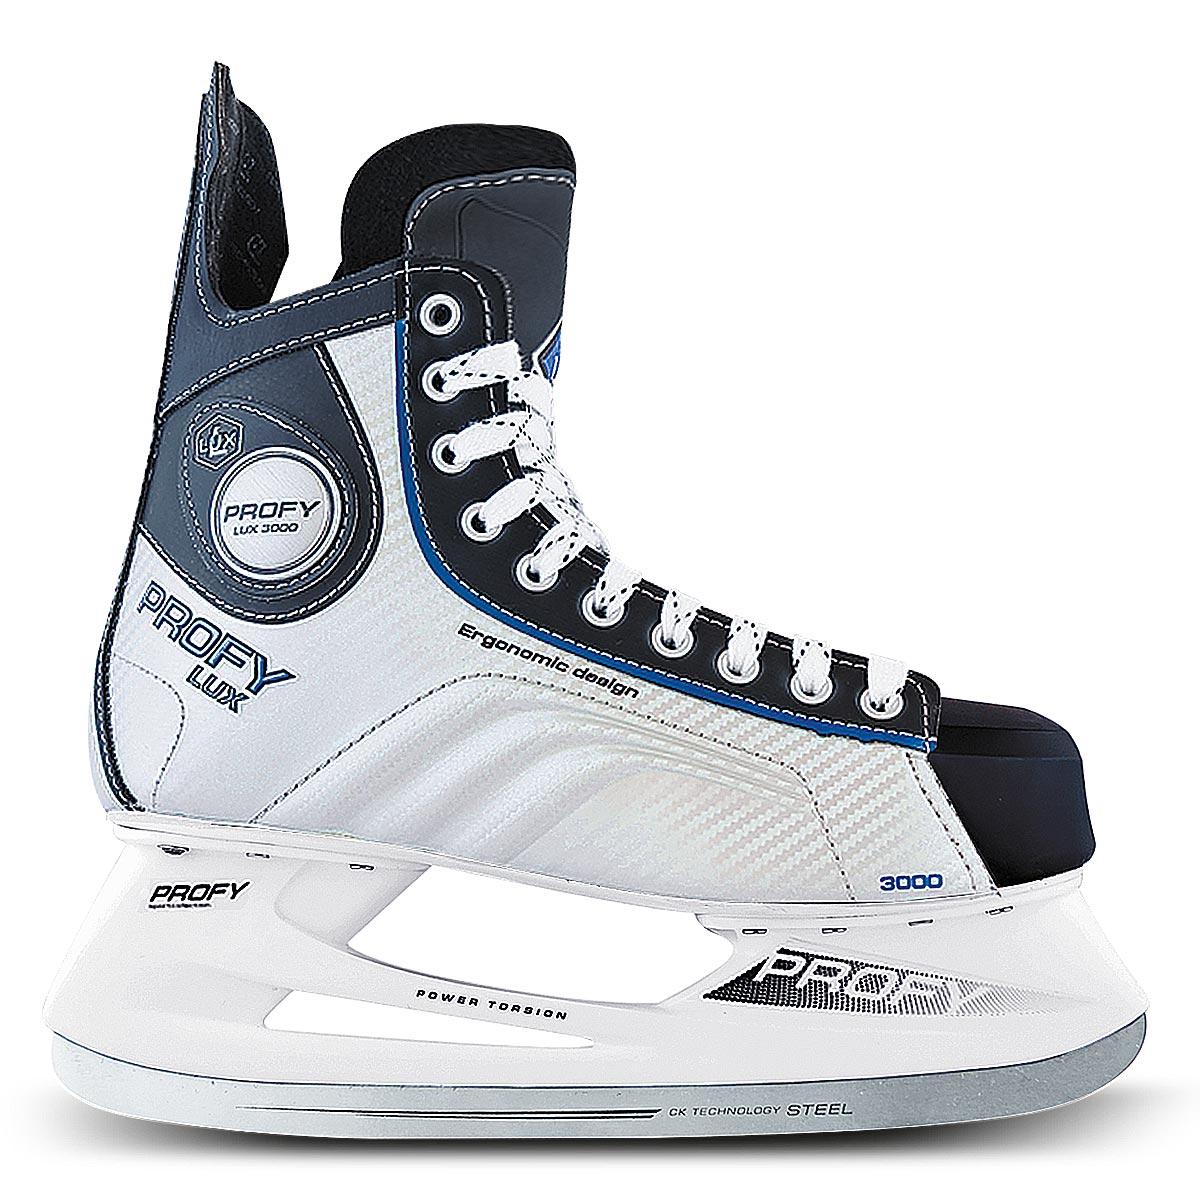 Коньки хоккейные мужские СК Profy Lux 3000, цвет: черный, серебряный, синий. Размер 43PROFY LUX 3000 Blue_43Коньки хоккейные мужские СК Profy Lux 3000 прекрасно подойдут для профессиональных игроков в хоккей. Ботинок выполнен из морозоустойчивой искусственной кожи и специального резистентного ПВХ, а язычок - из двухслойного войлока и искусственной кожи. Слоевая композитная технология позволила изготовить ботинок, полностью обволакивающий ногу. Это обеспечивает прочную и удобную фиксацию ноги, повышает защиту от ударов. Ботинок изготовлен с учетом антропометрии стоп россиян, что обеспечивает комфорт и устойчивость ноги, правильное распределение нагрузки, сильно снижает травмоопасность. Конструкция носка ботинка, изготовленного из ударопрочного энергопоглощающего термопластичного полиуретана Hytrel® (DuPont), обеспечивает увеличенную надежность защиты передней части ступни от ударов. Усиленные боковины ботинка из формованного PVC укрепляют боковую часть ботинка и дополнительно защищают ступню от ударов за счет поглощения энергии. Тип застежки ботинок – классическая шнуровка. Стелька из упругого пенного полимерного материала EVA гарантирует комфортное положение ноги в ботинке, обеспечивает быструю адаптацию ботинка к индивидуальным формам ноги, не теряет упругости при изменении температуры и не разрушается от воздействия пота и влаги. Легкая прочная низкопрофильная полимерная подошва инжекционного формования практически без потерь передает энергию от толчка ноги к лезвию – быстрее набор скорости, резче повороты и остановки, острее чувство льда. Лезвие из нержавеющей стали 420J обеспечит превосходное скольжение.